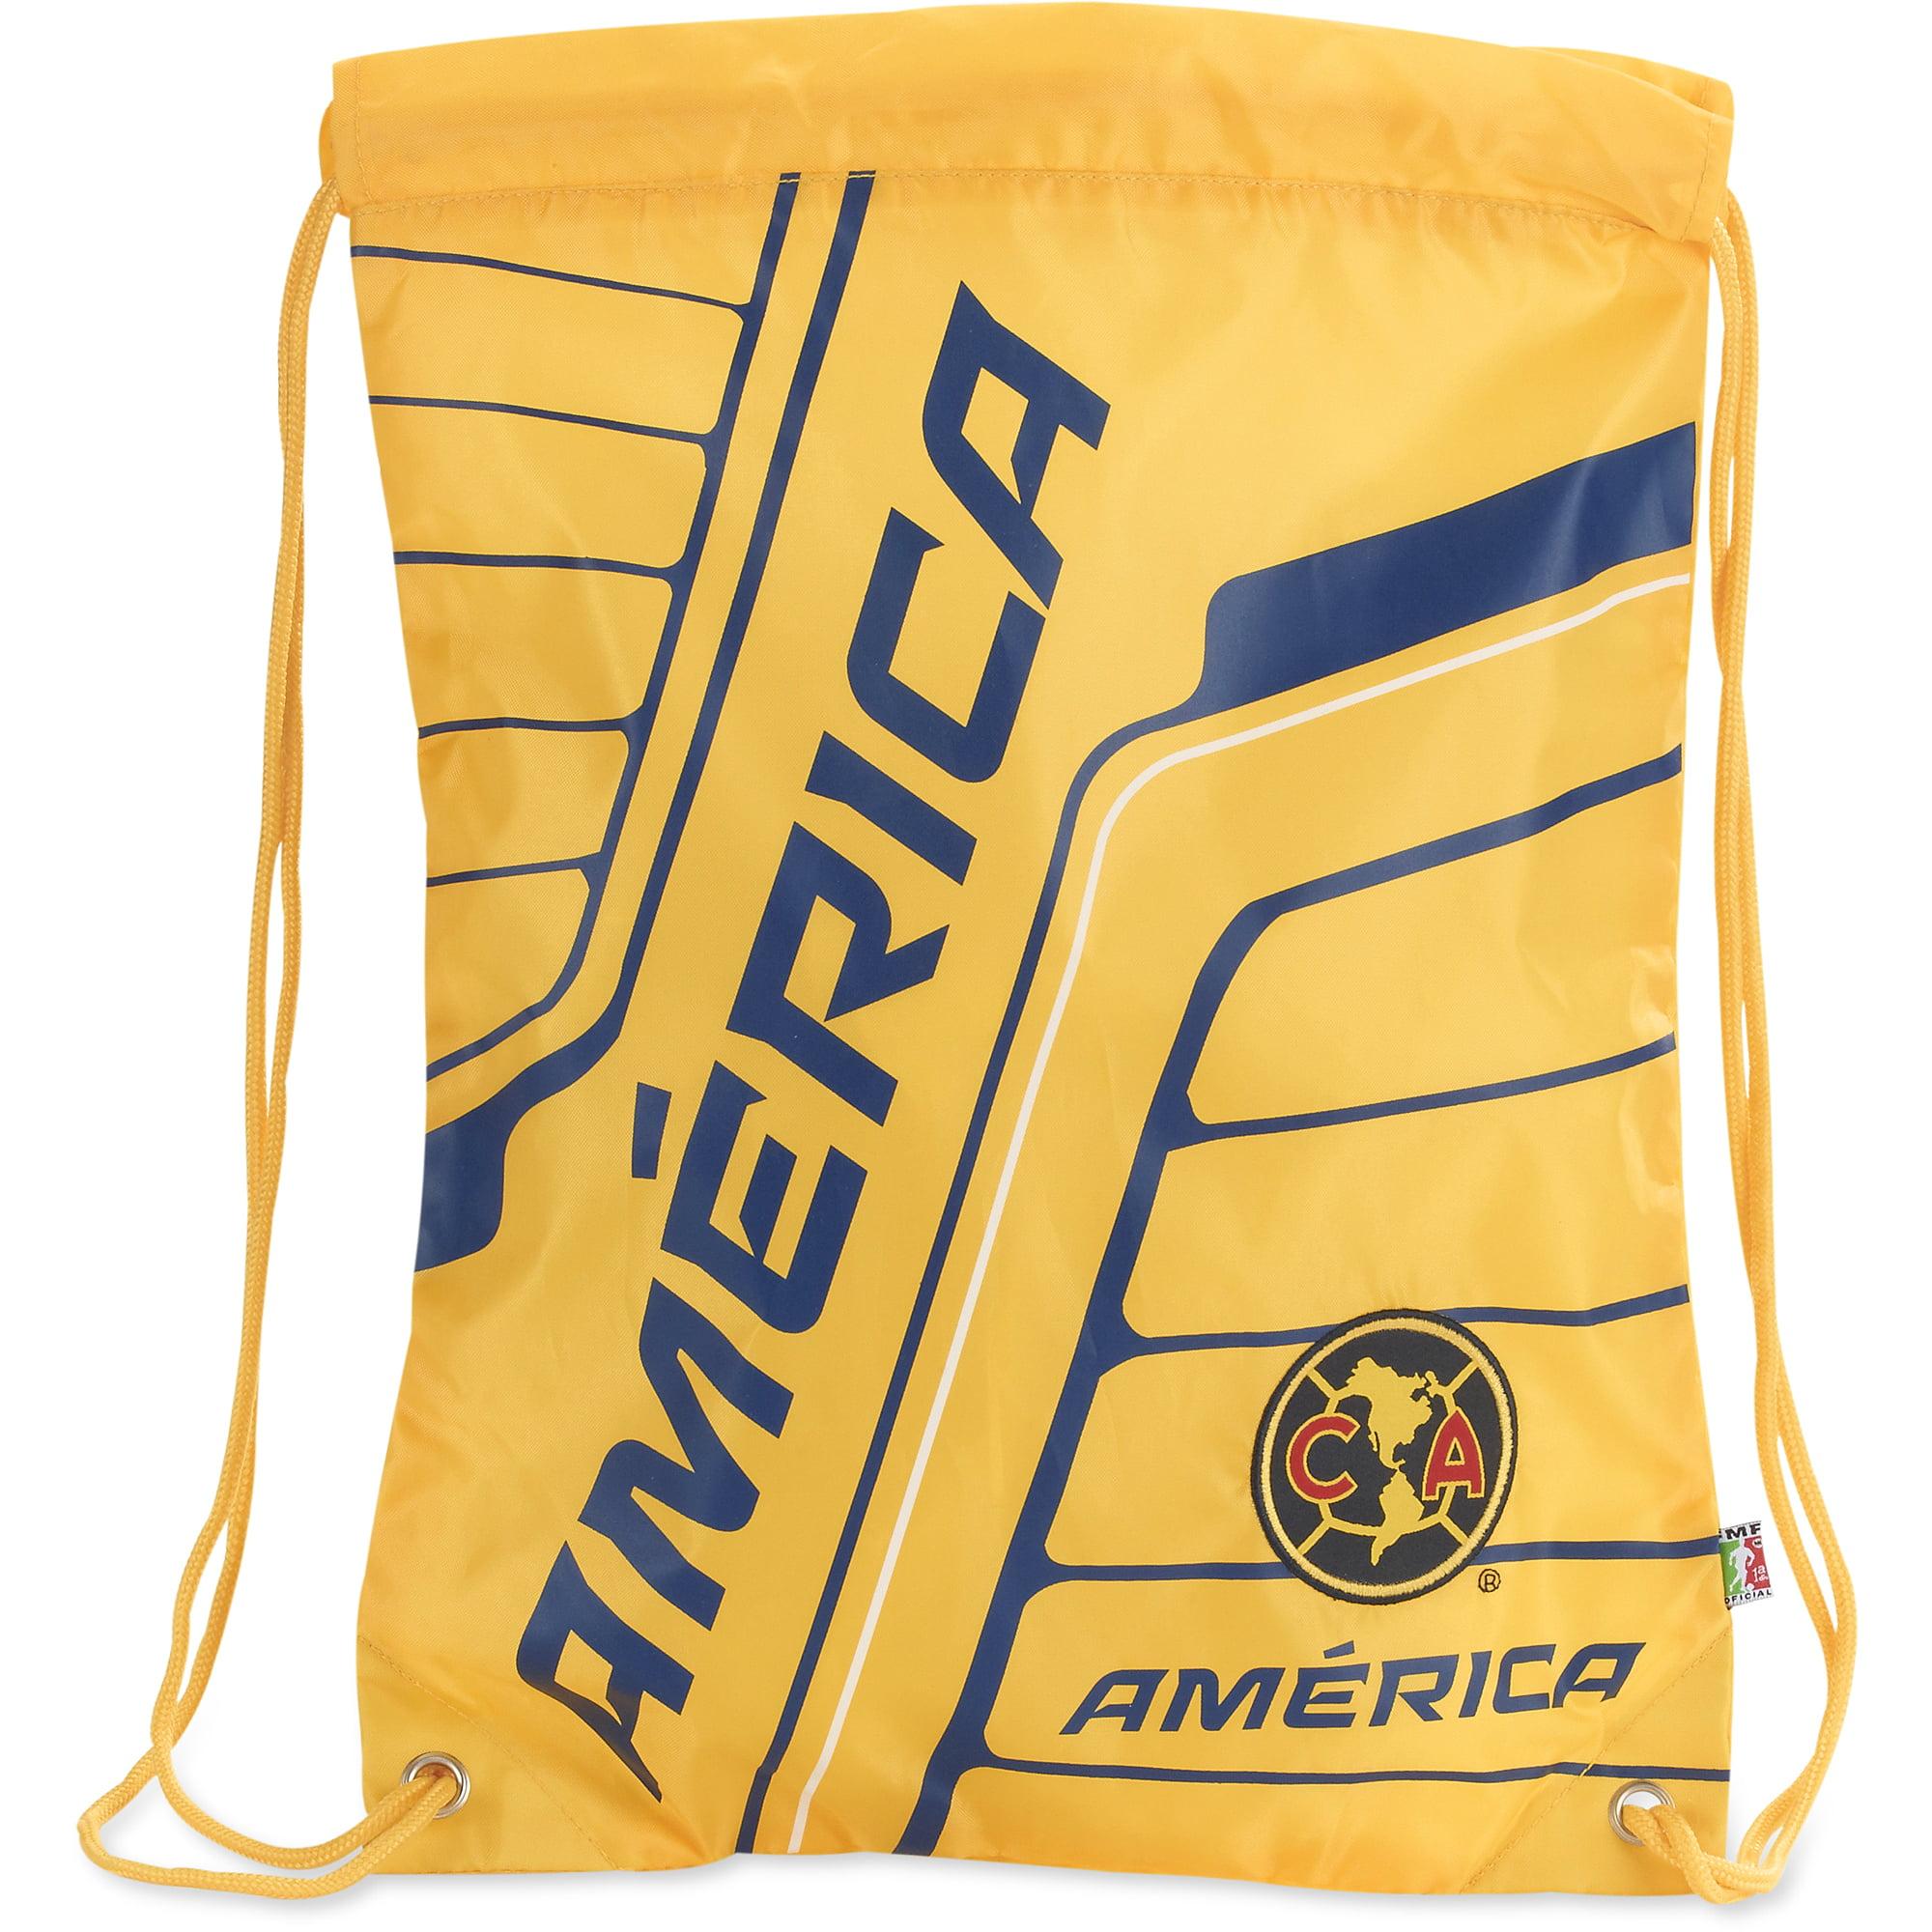 America Cinch Bag Home Team Color